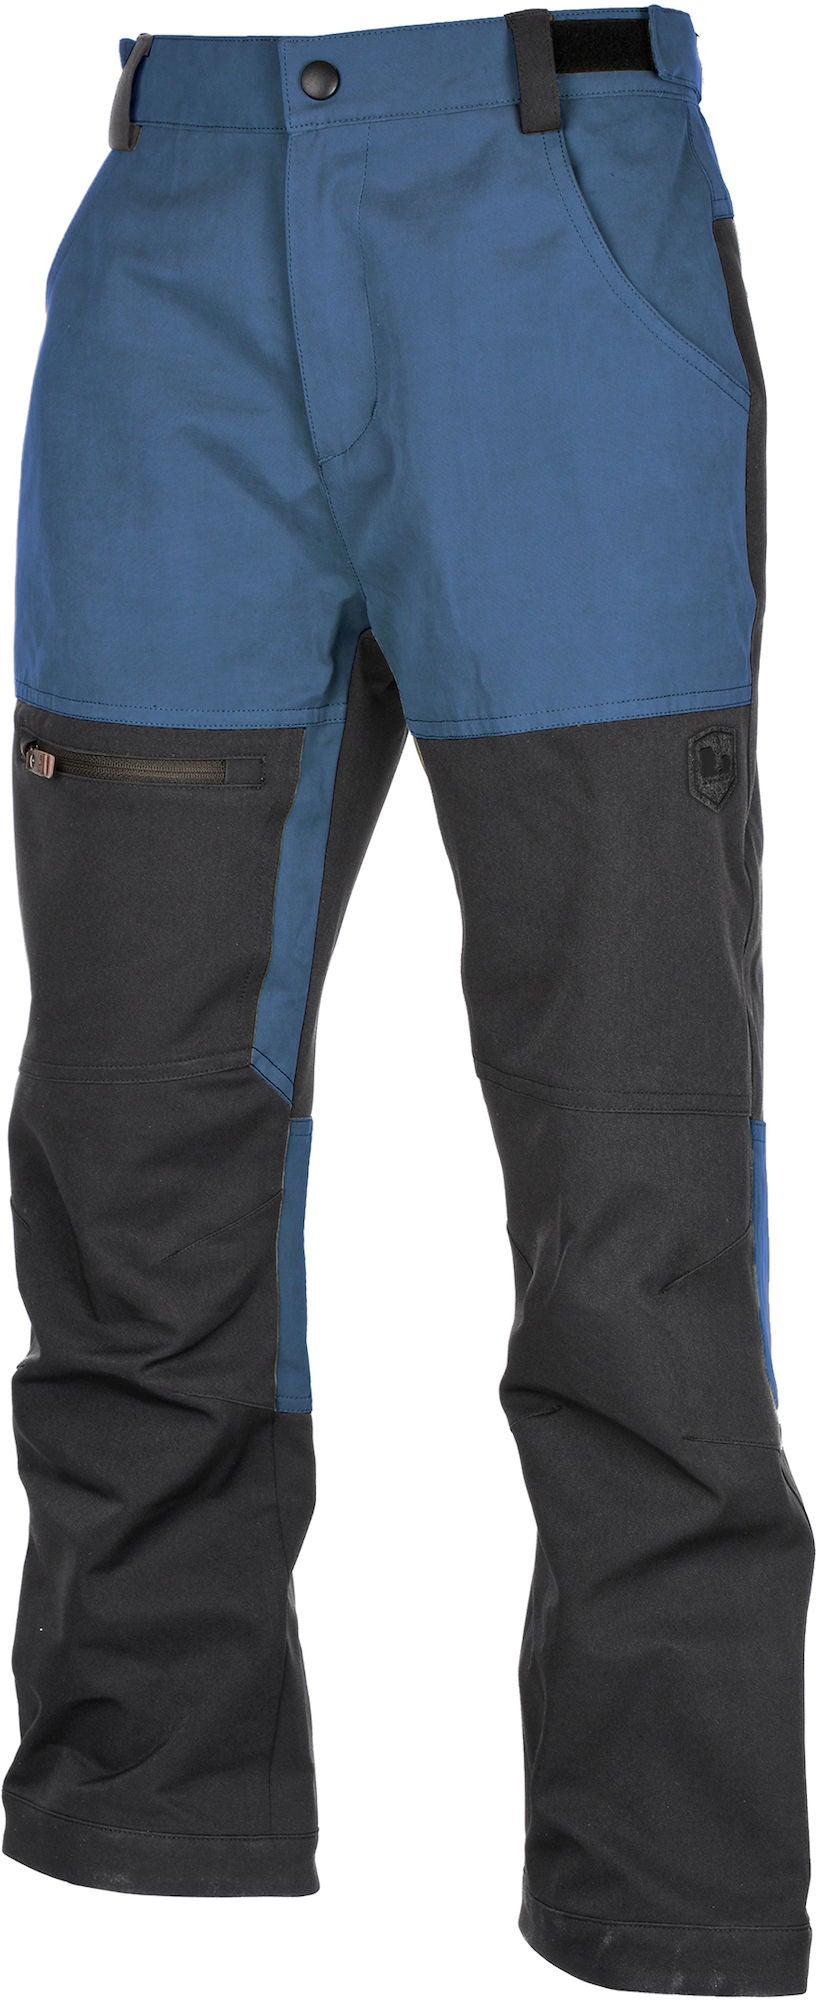 Lindberg Explorer Skalbyxa, Blue 100